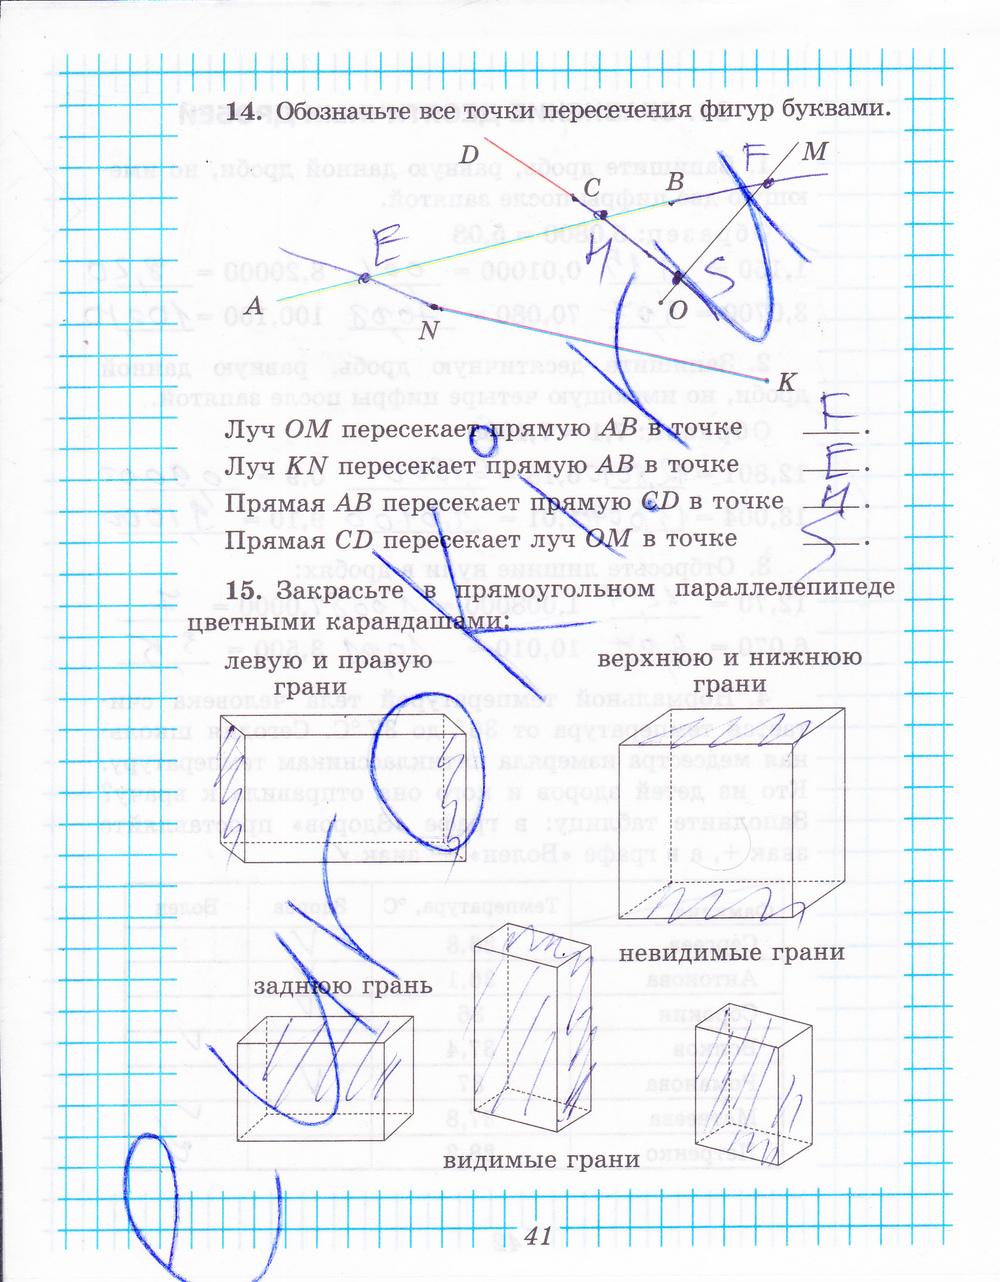 ГДЗ по математике 5 класс рабочая тетрадь Рудницкая Часть 1, 2. Задание: стр. 41